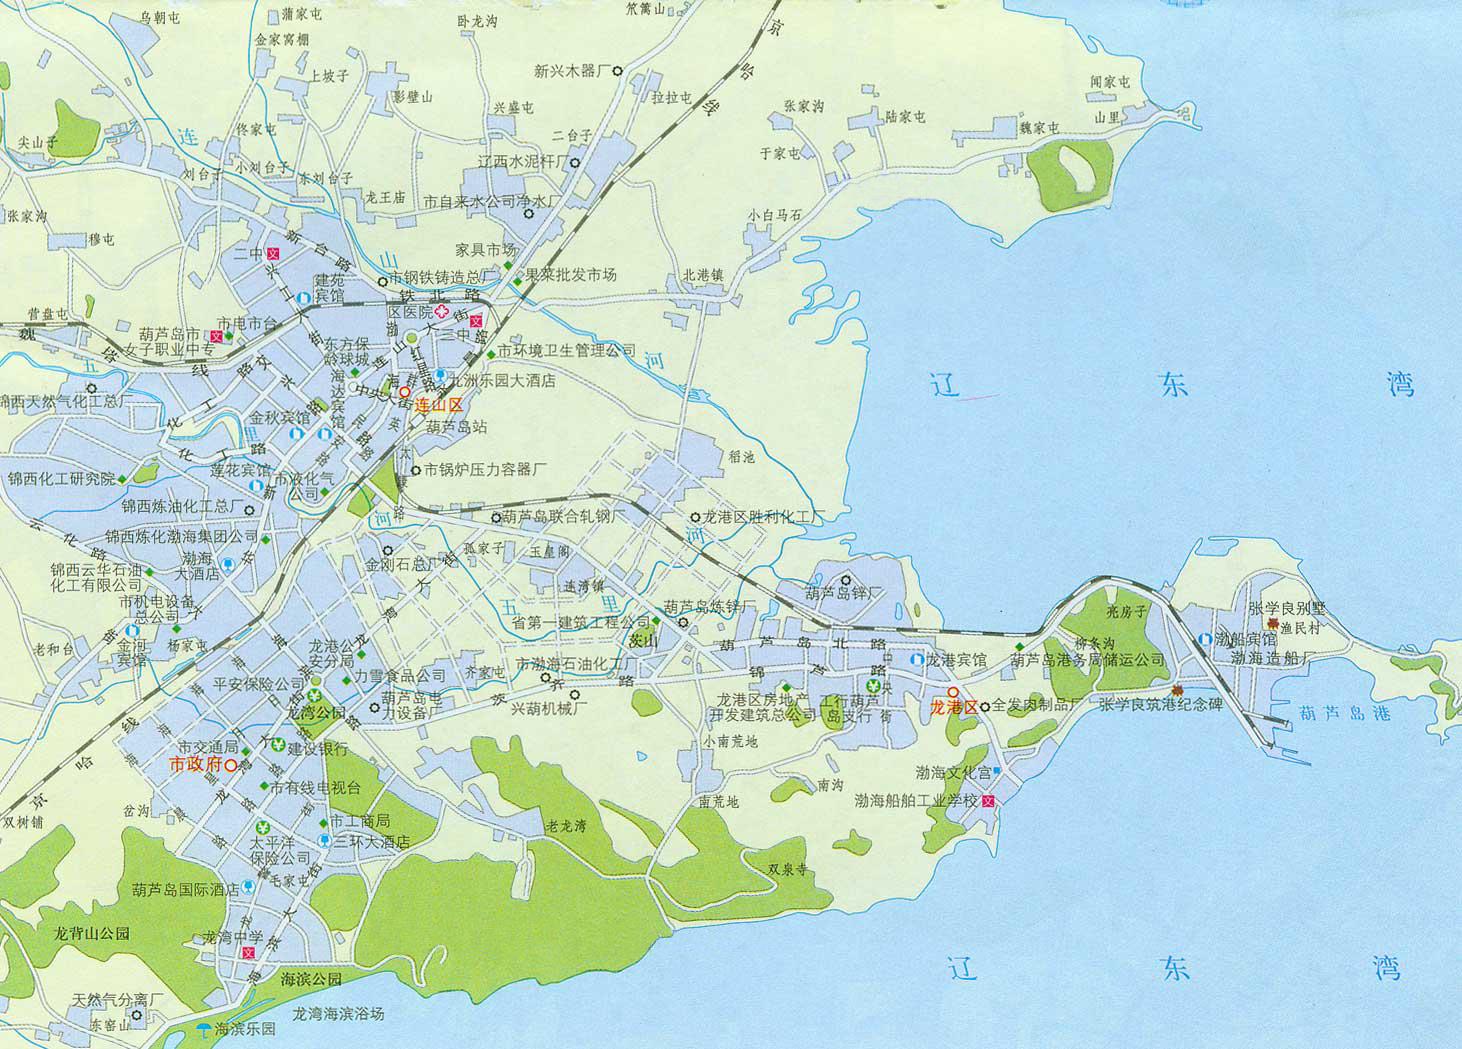 葫芦岛市区地图_葫芦岛市区地图查询